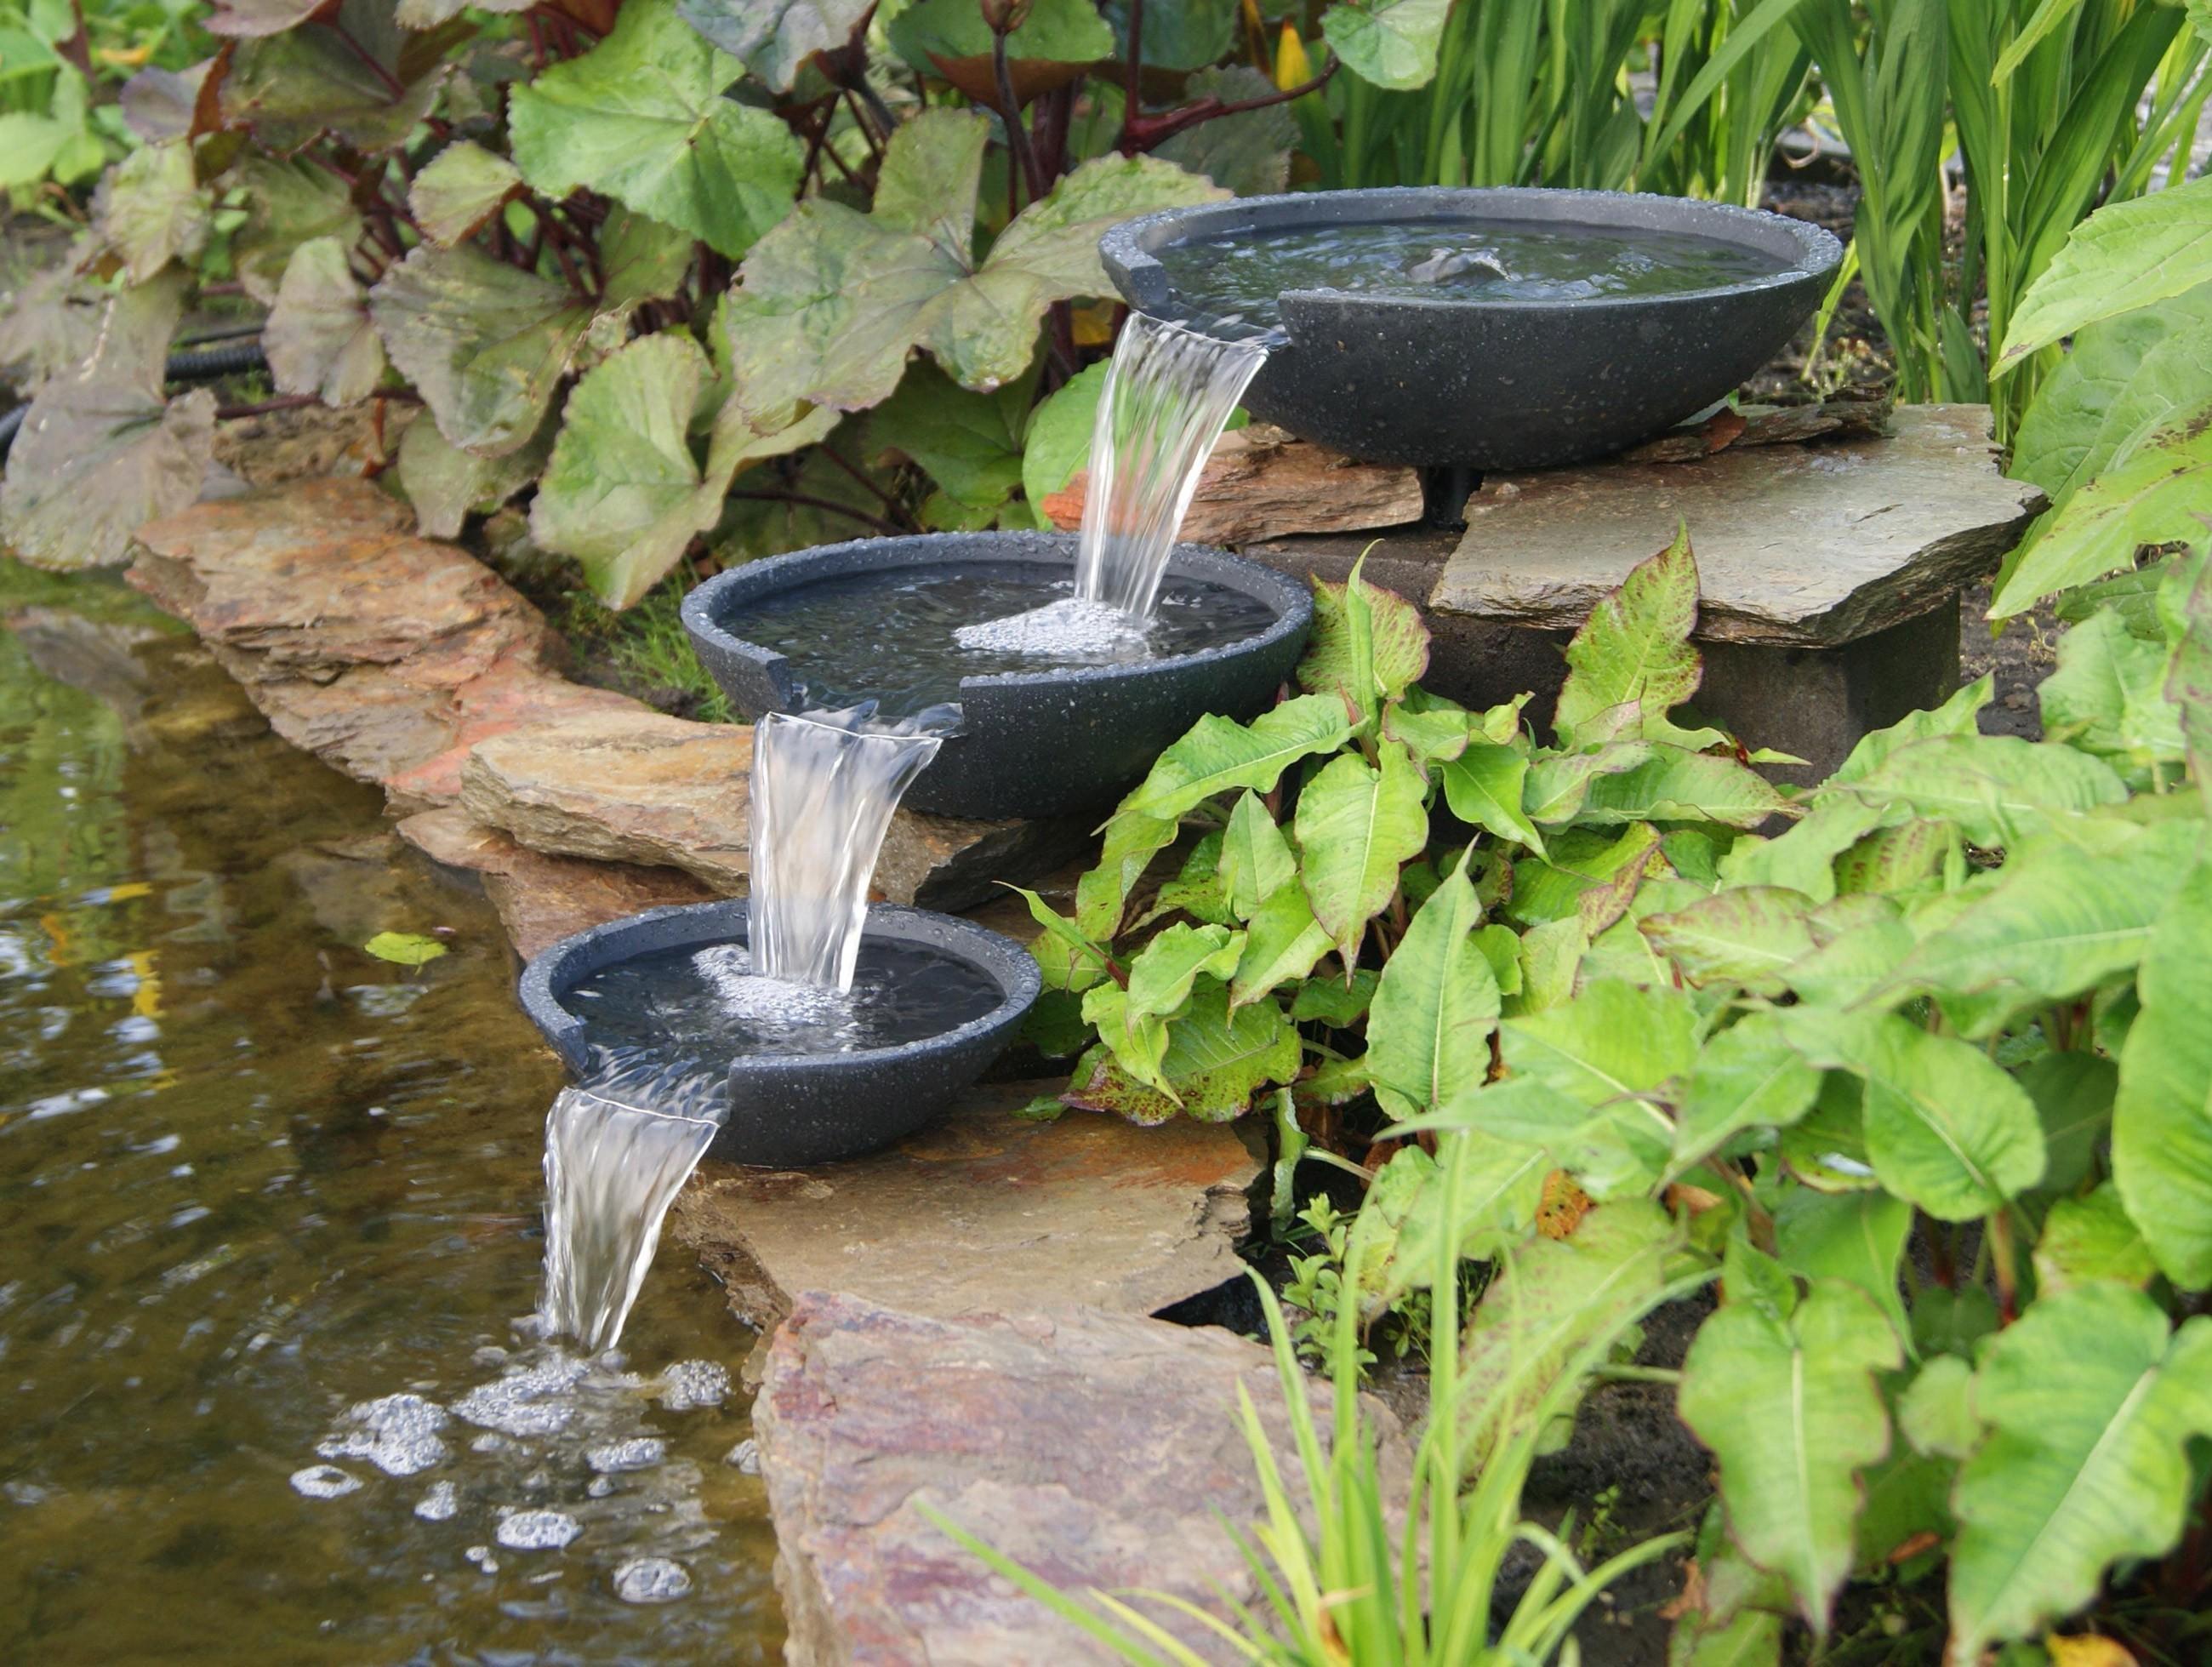 Gartenbrunnen / Wasserfall Ubbink AcquaArte Mistaya anthrazit Bild 1